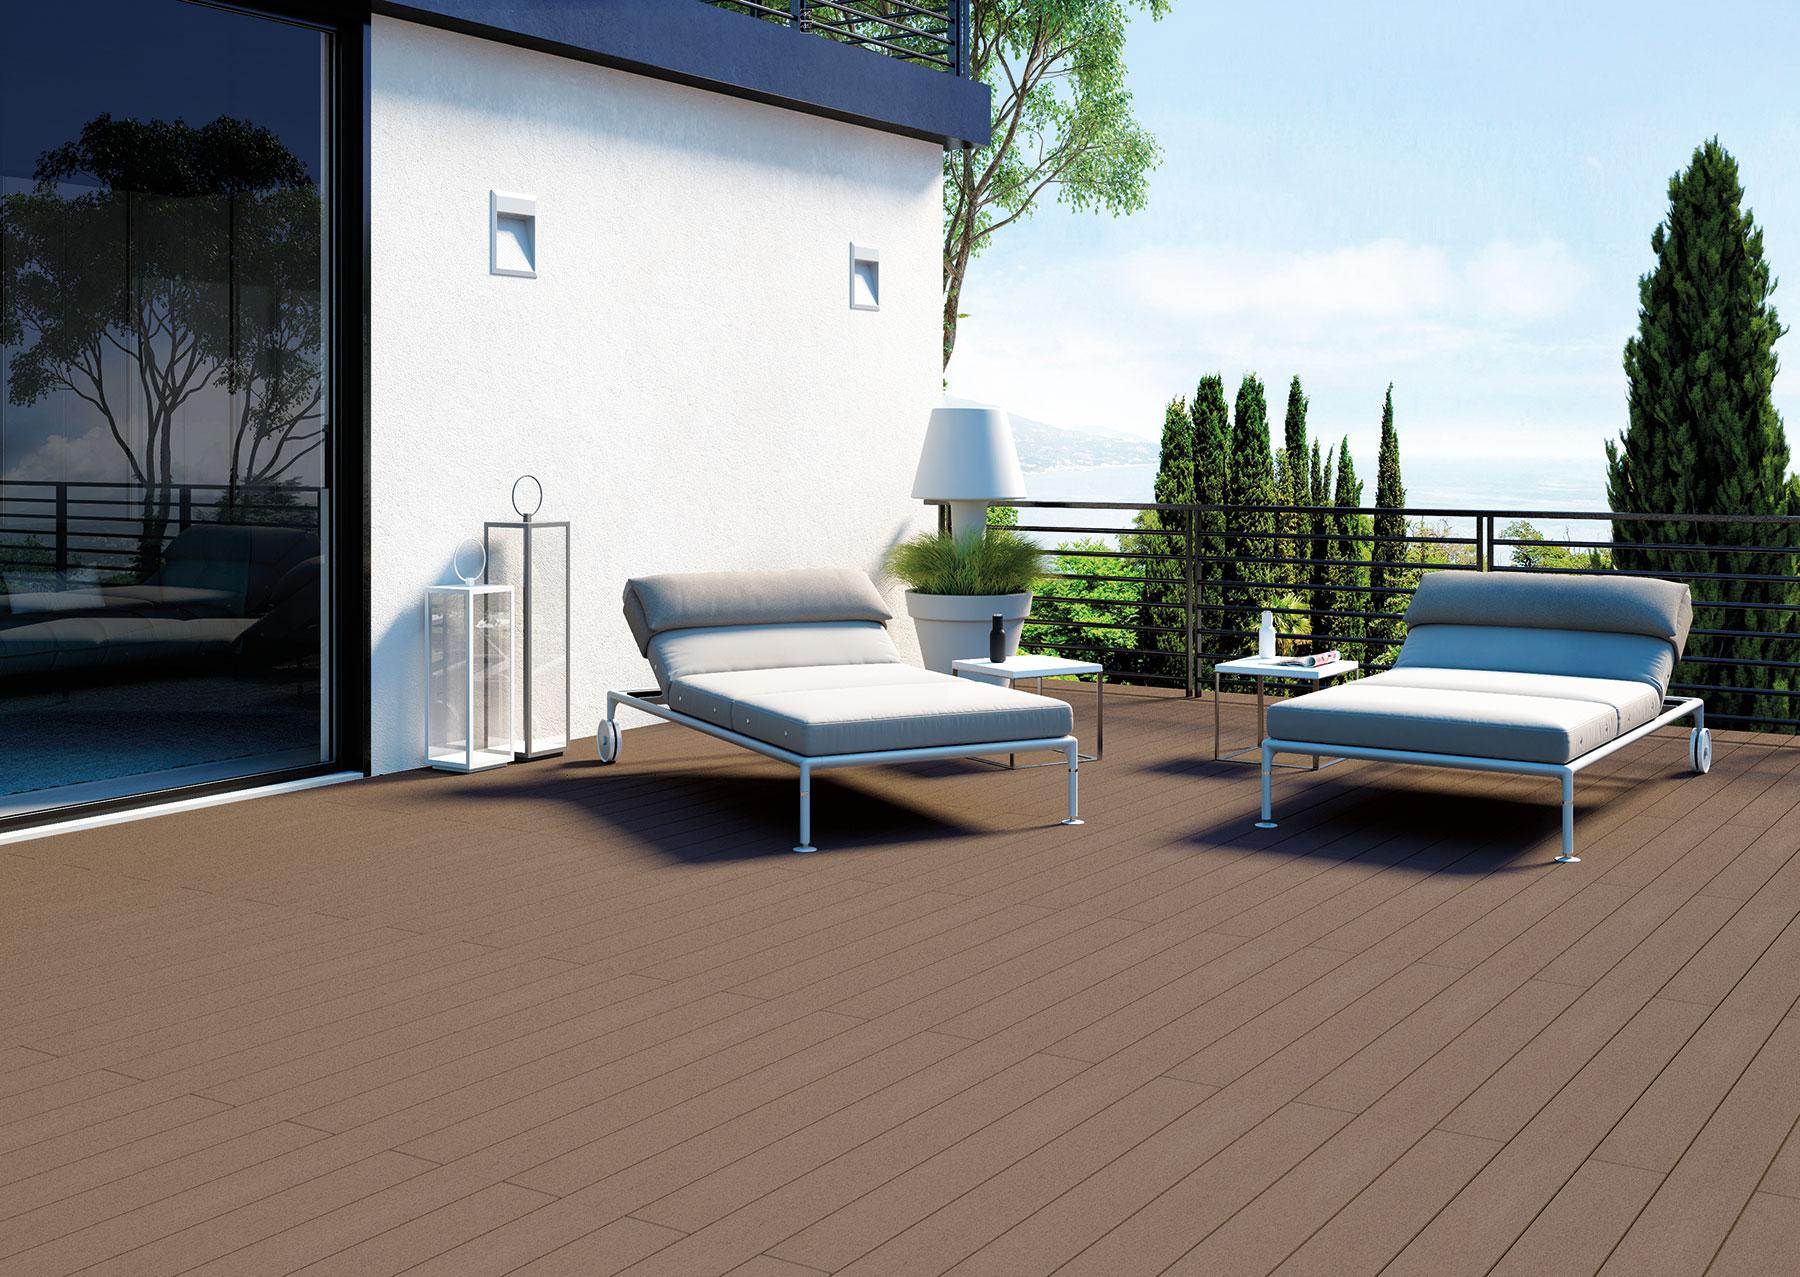 Woodco pavimenti per esterni: la nuova soluzione bpc